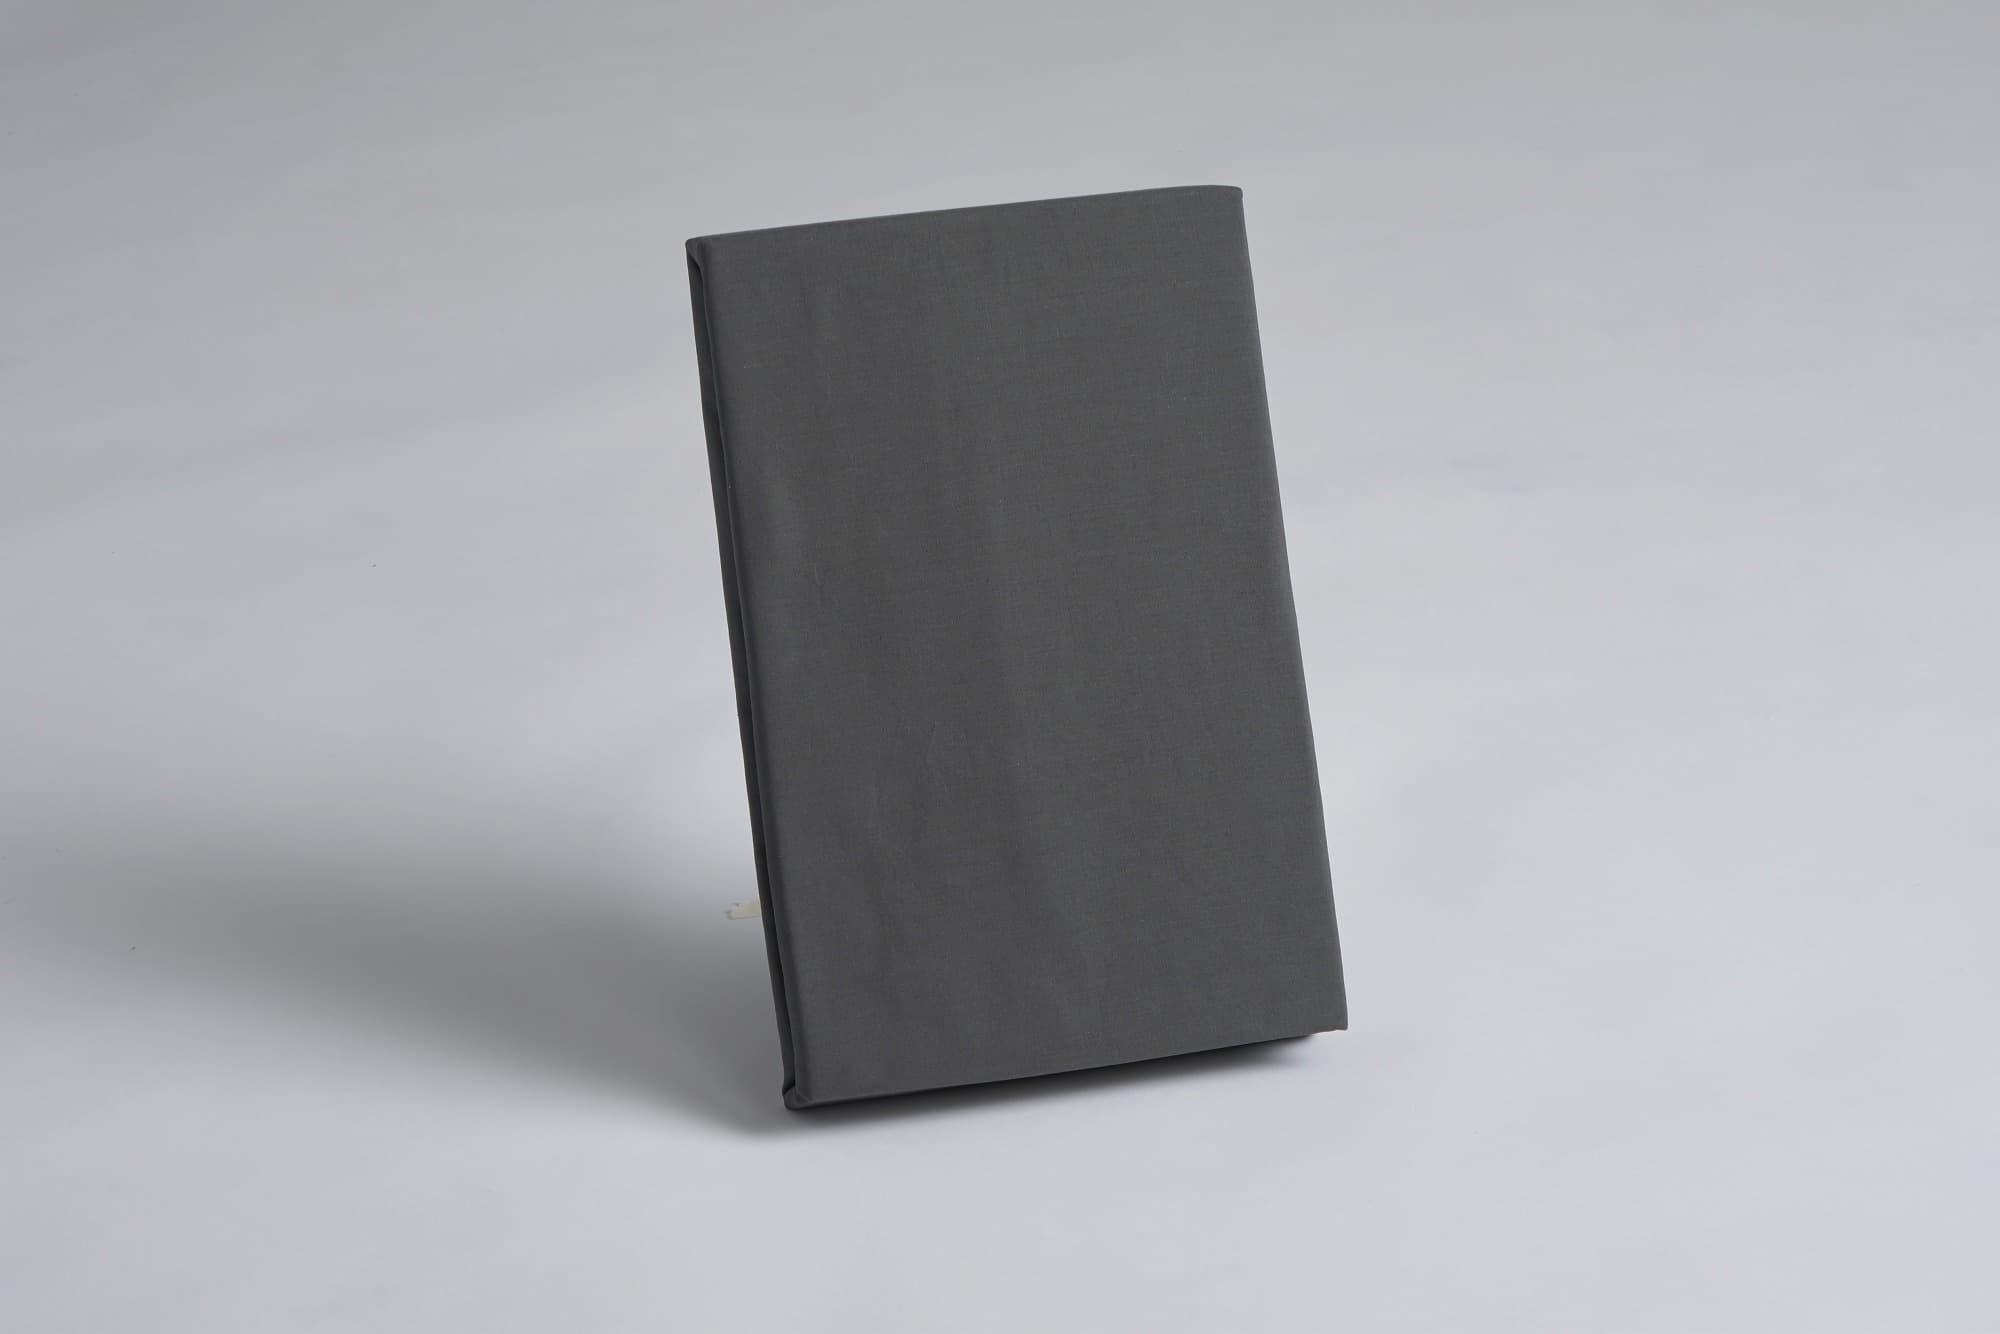 ボックスシーツ シングル用 45H グレー:《綿100%を使用したボックスシーツ》